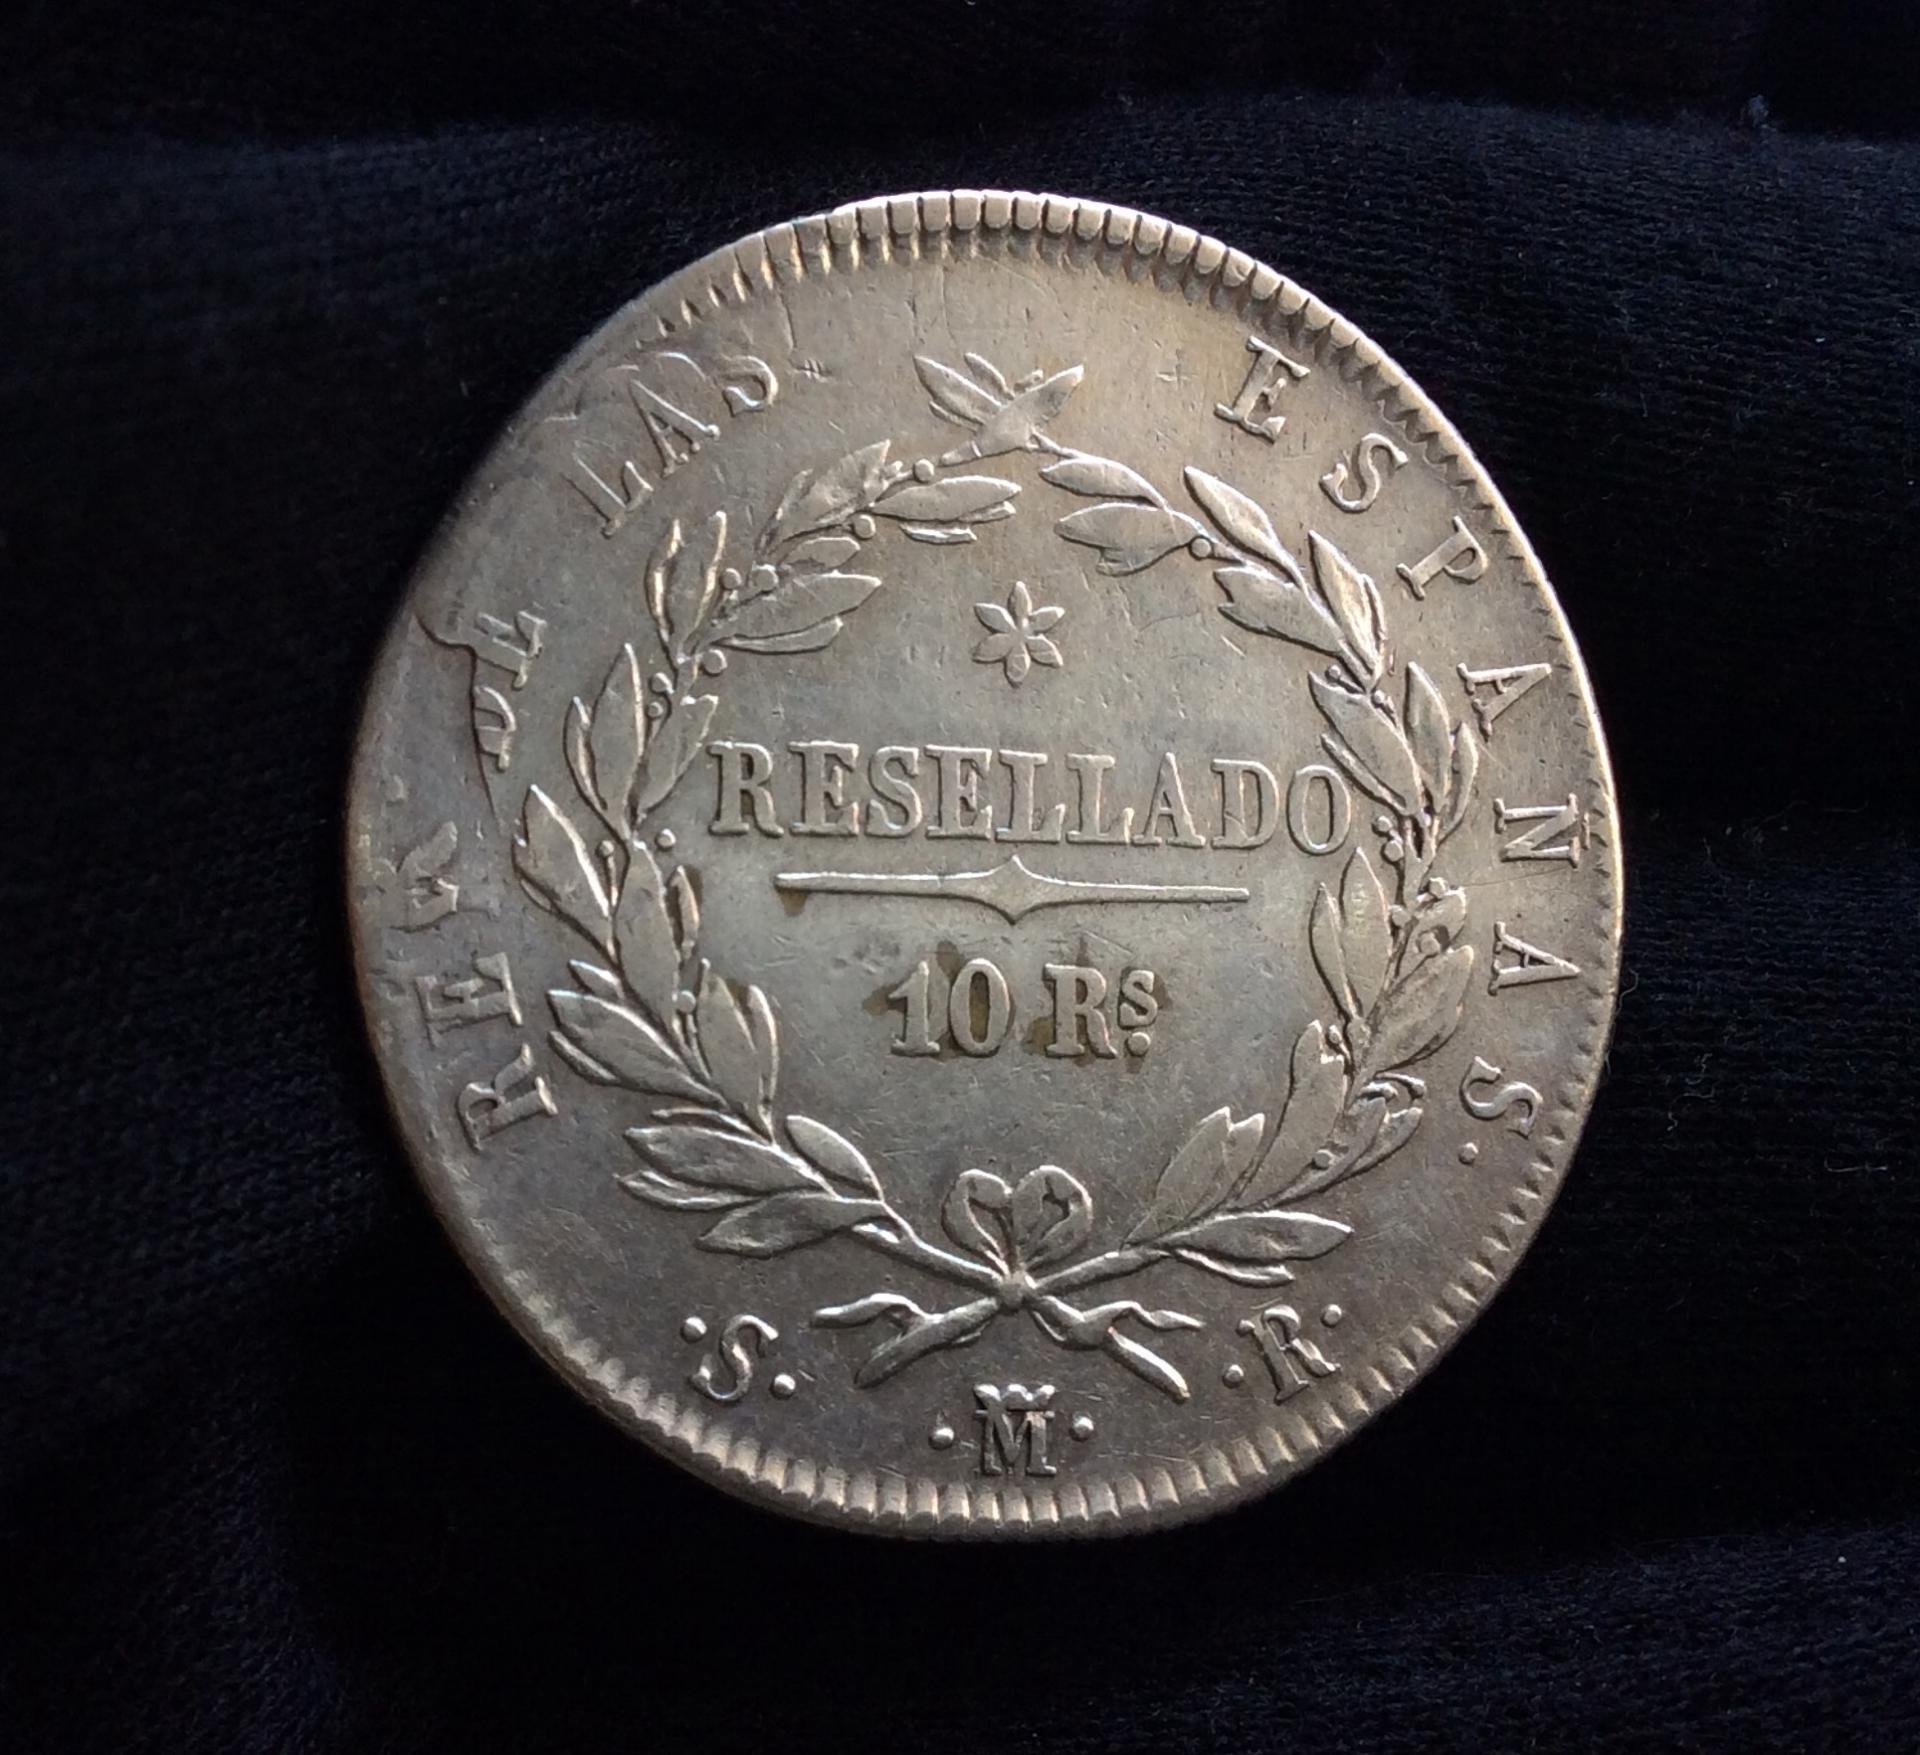 """10 REALES 1821 """"RESELLADO"""" SOBE 1/2 ECU FRANCÉS - FERNANDO VII - MADRID"""